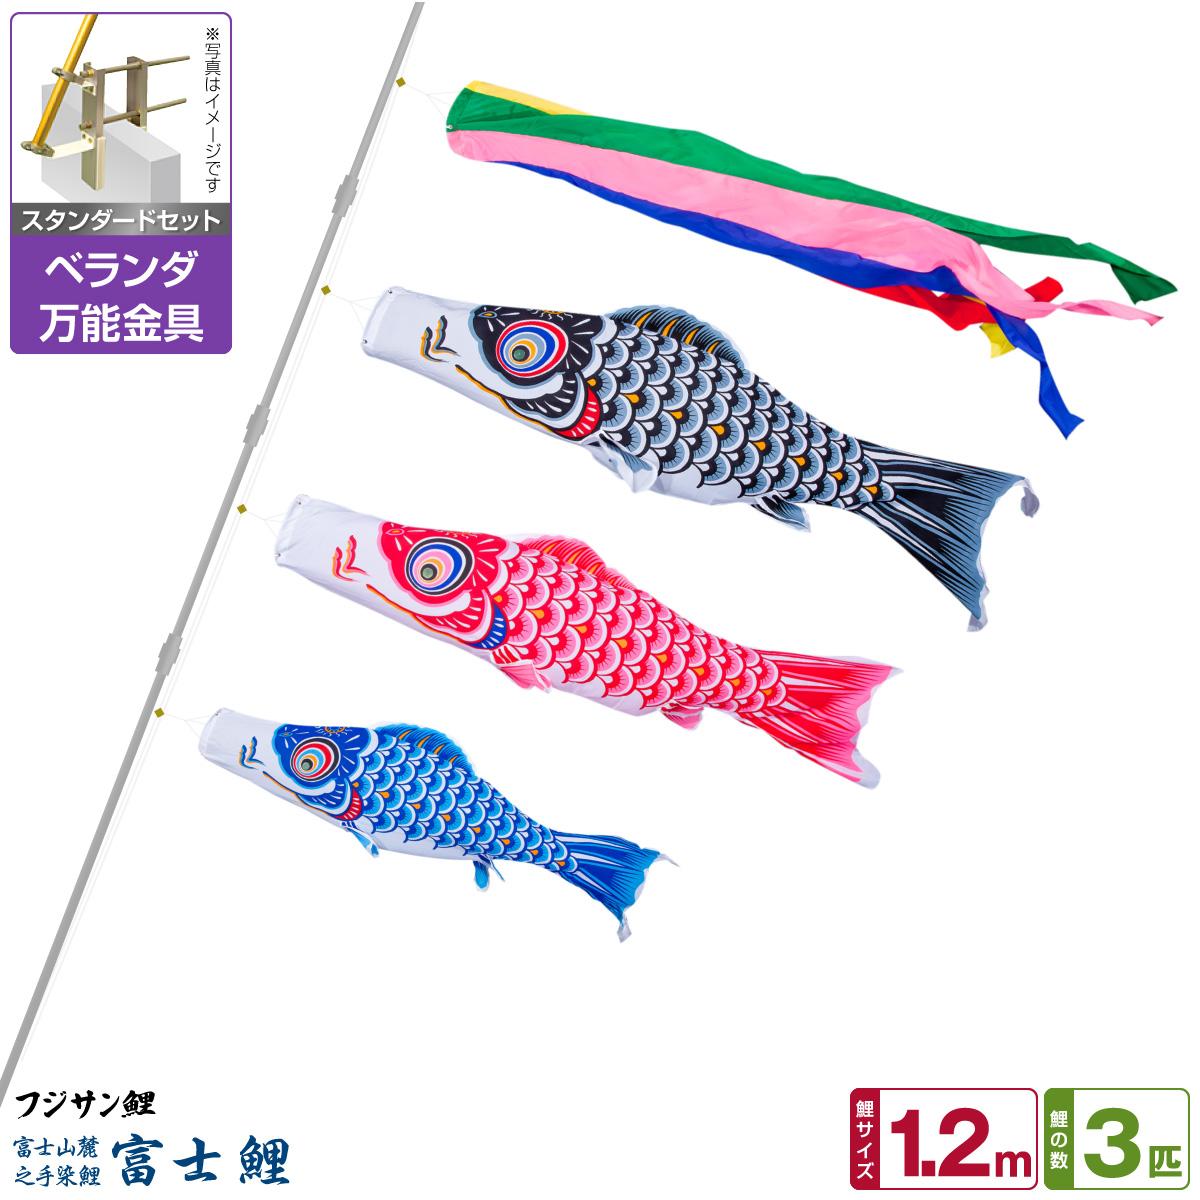 ベランダ用 こいのぼり 鯉のぼり フジサン鯉 富士鯉 1.2m 6点(吹流し+鯉3匹+矢車+ロープ)/スタンダードセット(万能取付金具)